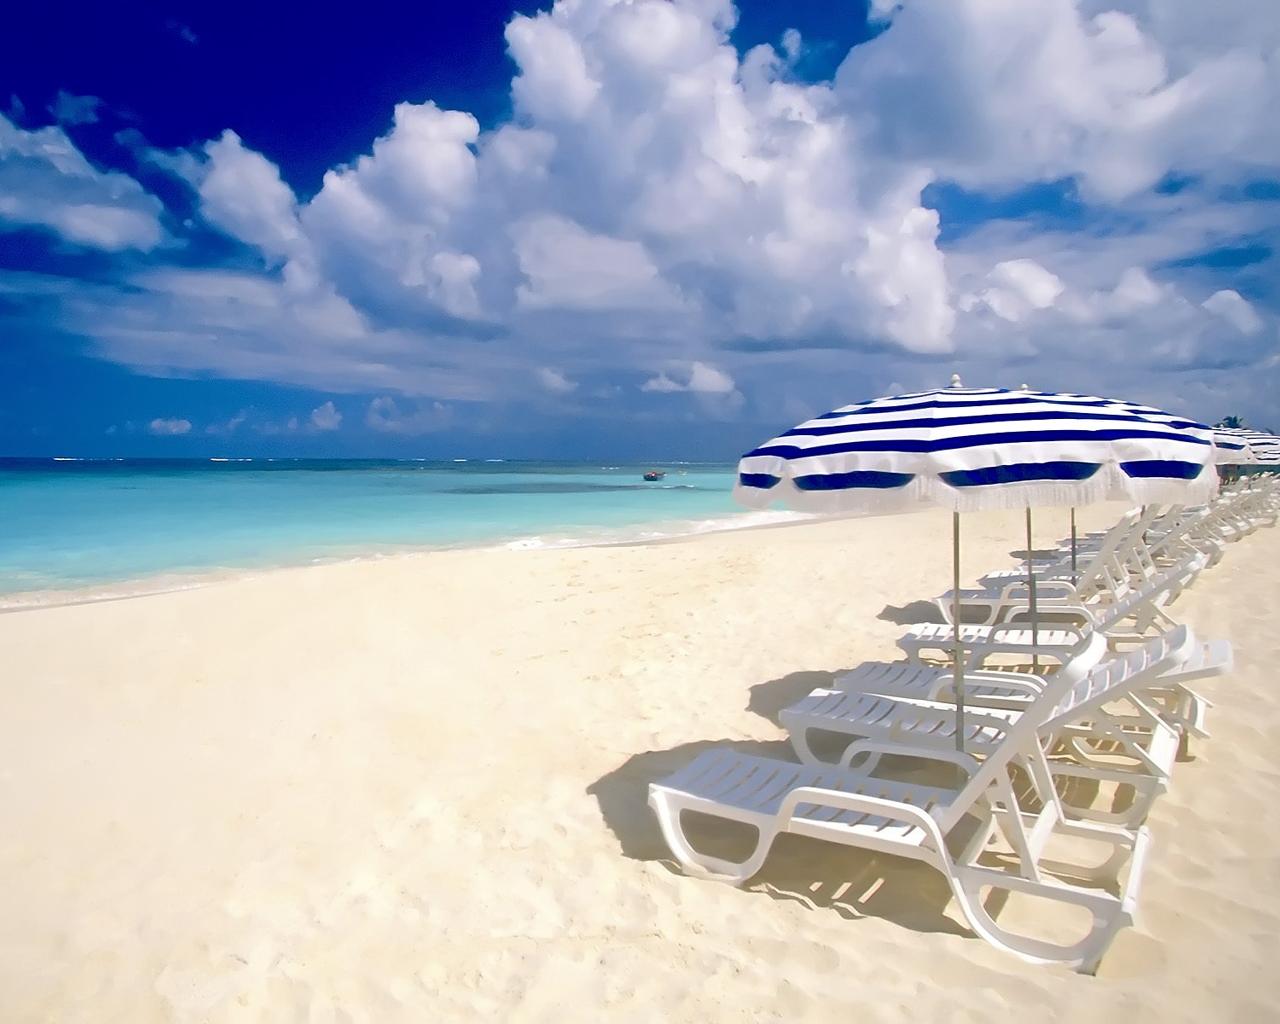 http://3.bp.blogspot.com/-H186zeiN-wI/TnpG5G-Ky7I/AAAAAAAABGM/2T6oP4PPWX8/s1600/shoal_bay_beach_1280x1024.jpg